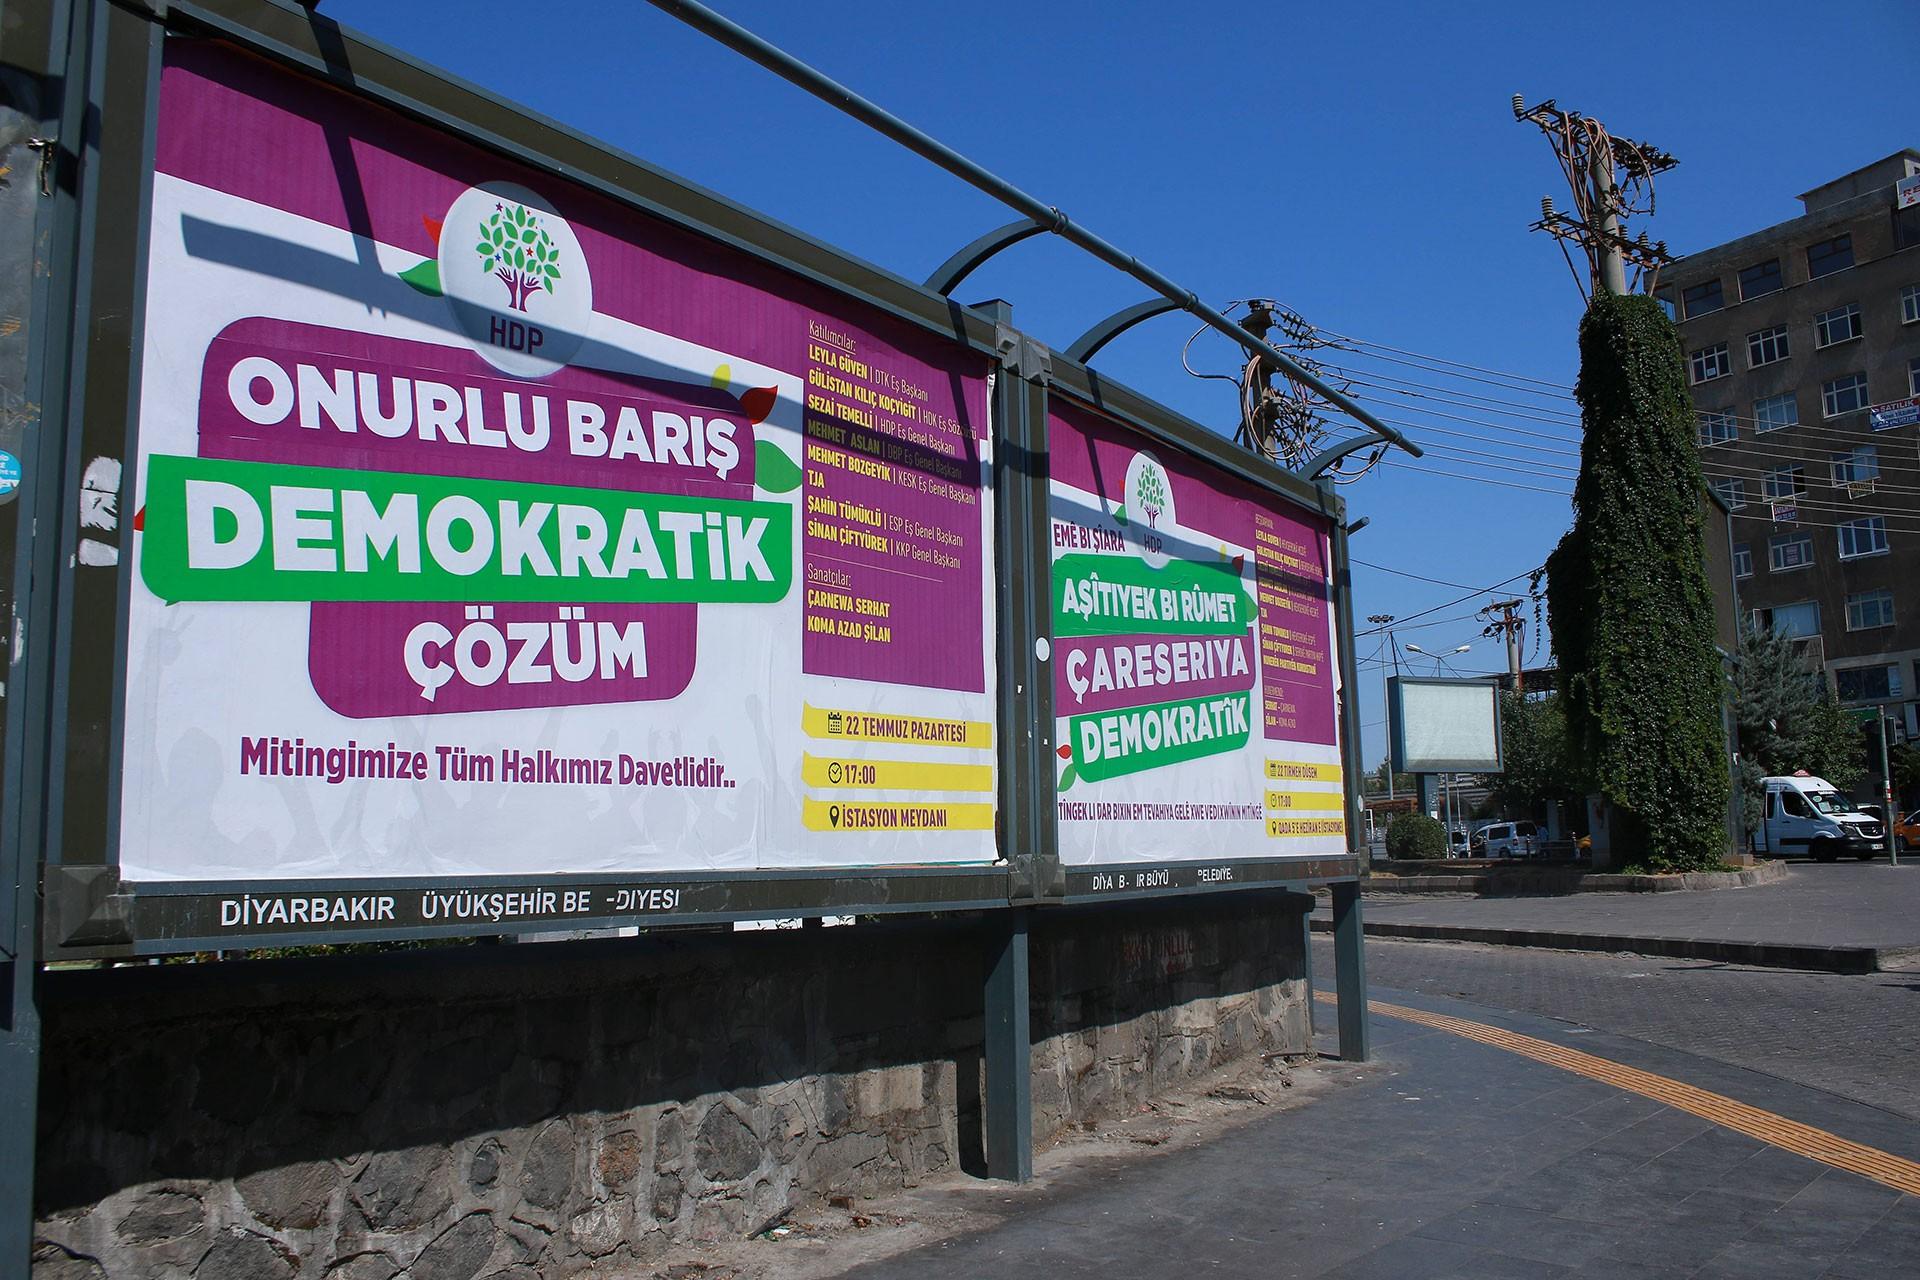 Emek örgütlerinden Diyarbakır'daki mitinge çağrı: Barışa sahip çıkacağız